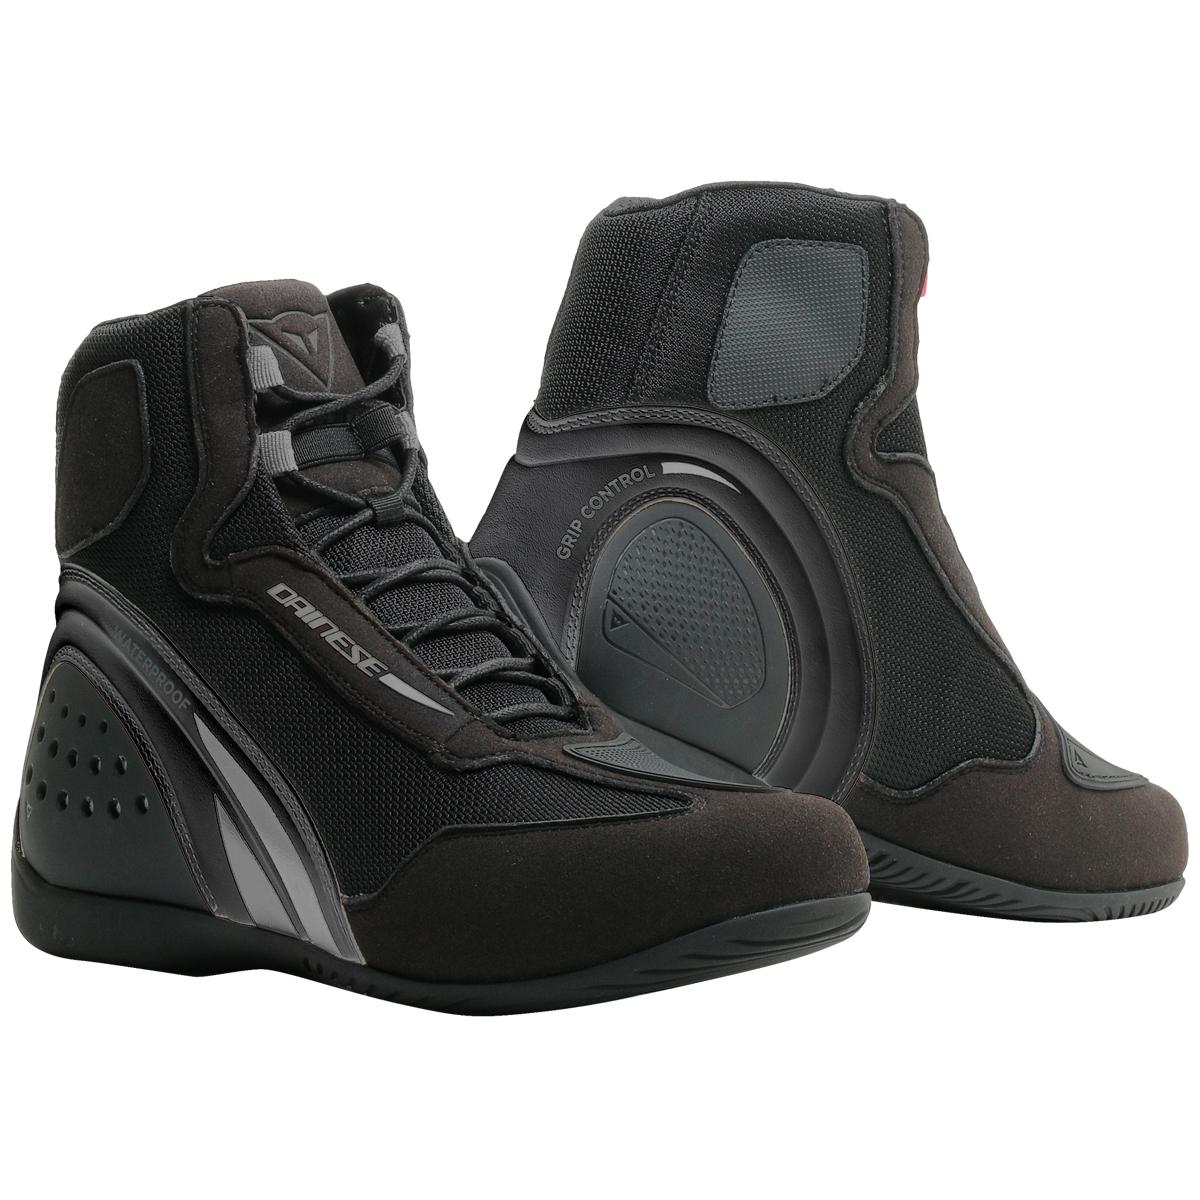 Botas DAINESE Motorshoe D1 D-WP  Lady Black / Black / Anthracite